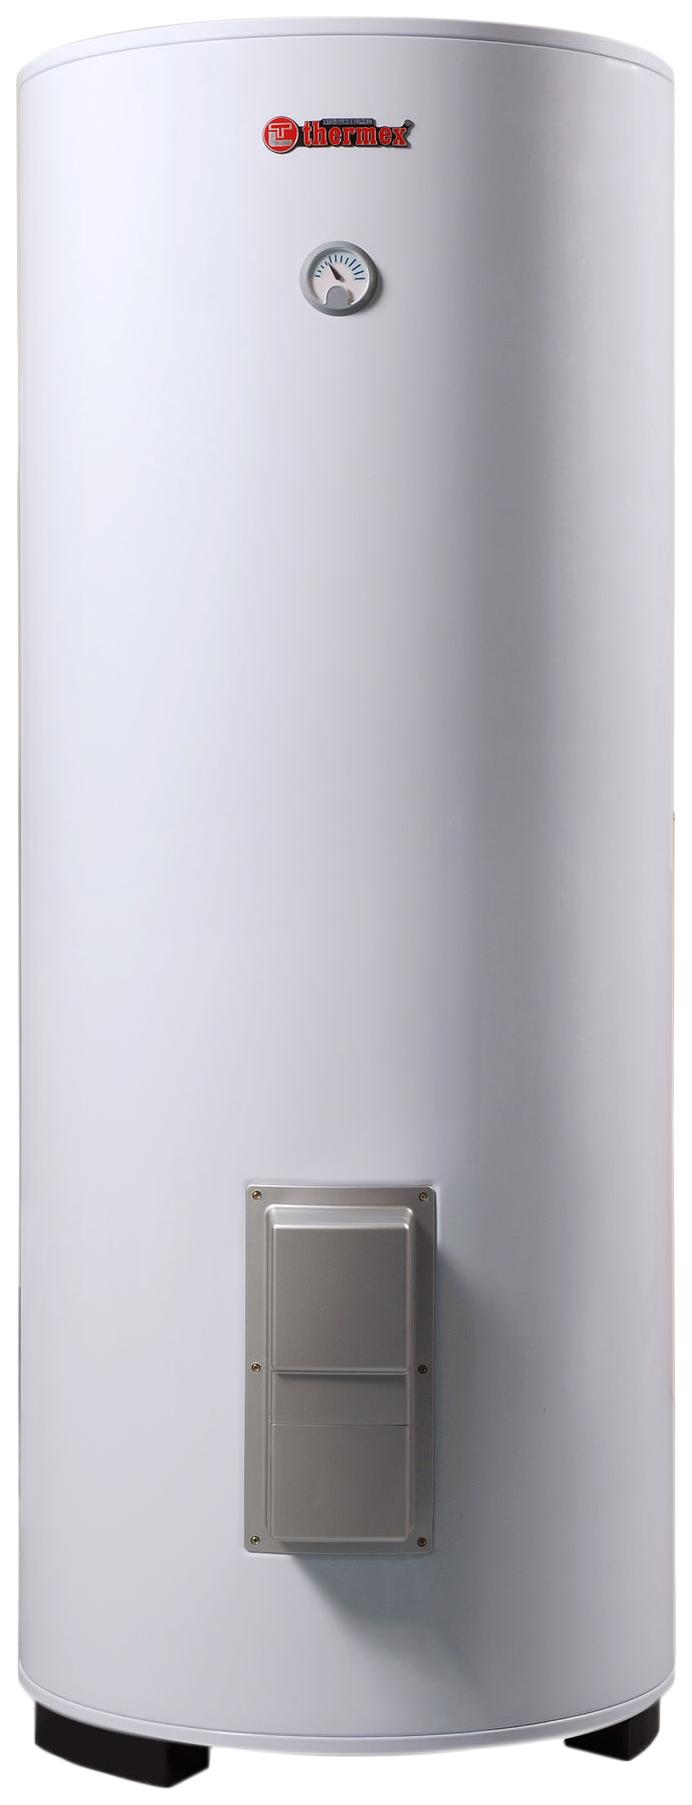 Водонагреватель накопительный THERMEX ER 300 V white